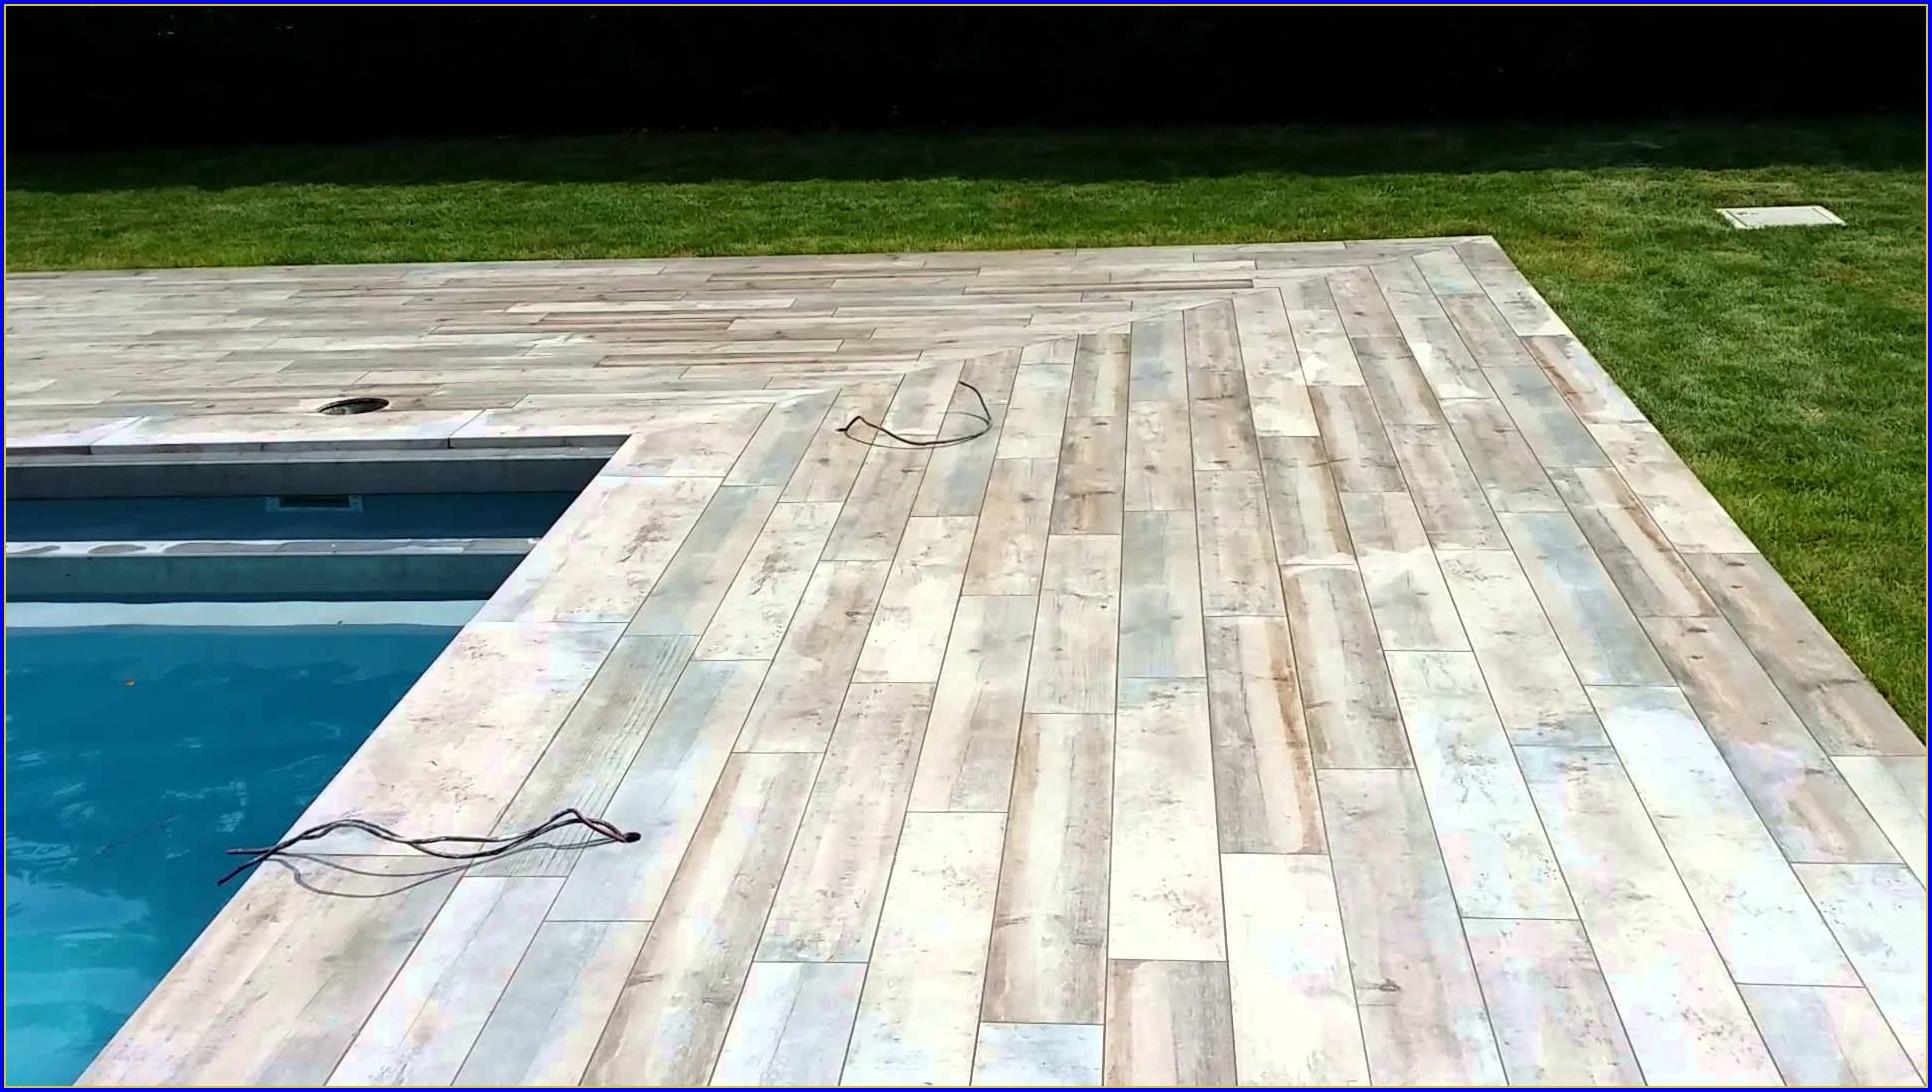 Carrelage imitation parquet autour piscine - Atwebster.fr - Maison et mobilier